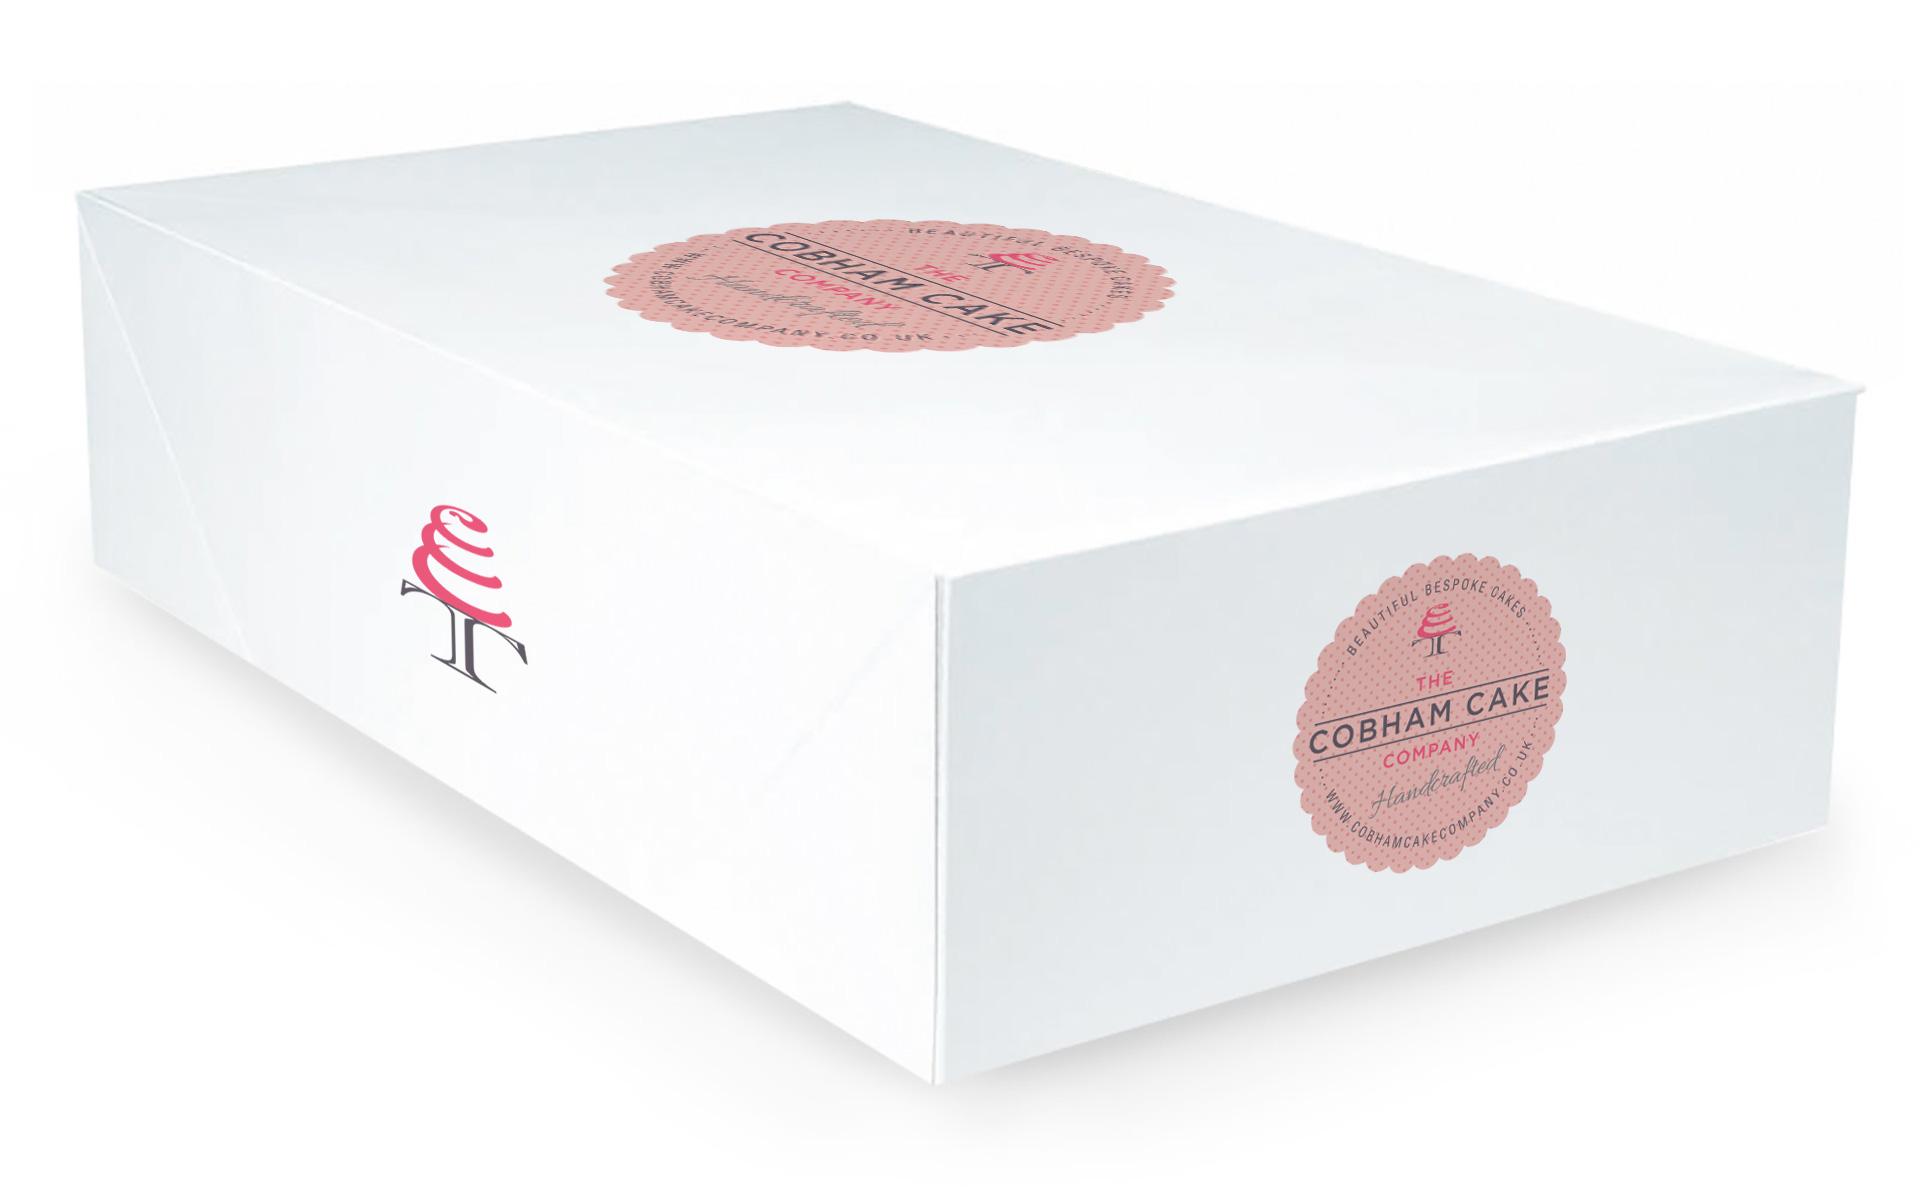 The Cobham Cake Company